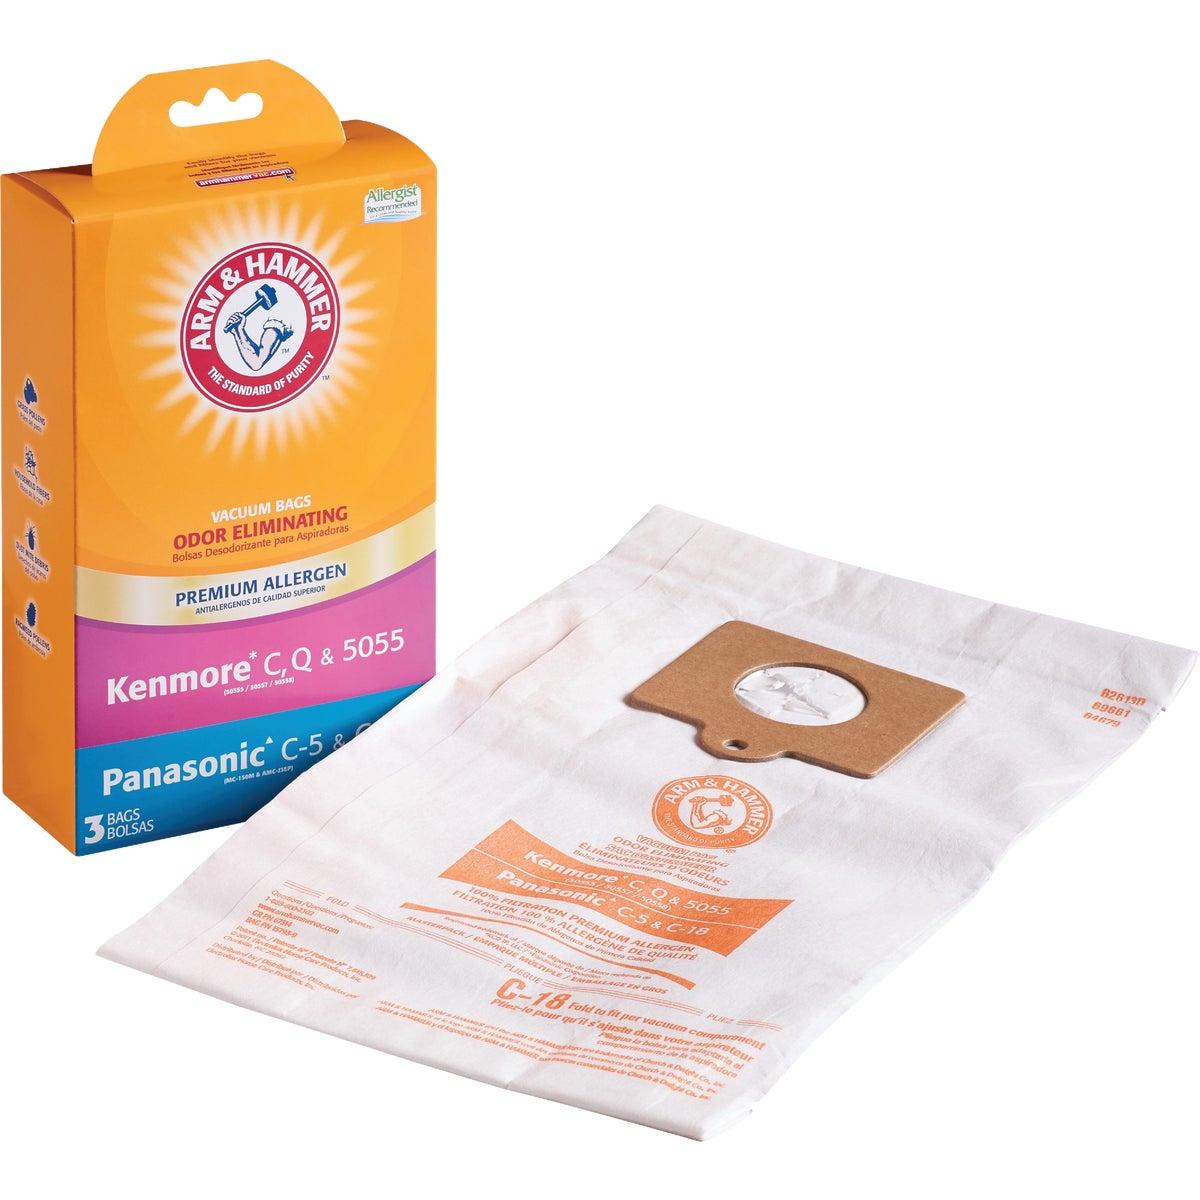 3M Filtrete Kenmore C, Q, 5055/Panasonic C-5 Micro Allergen Vacuum Bag (3-Pack)